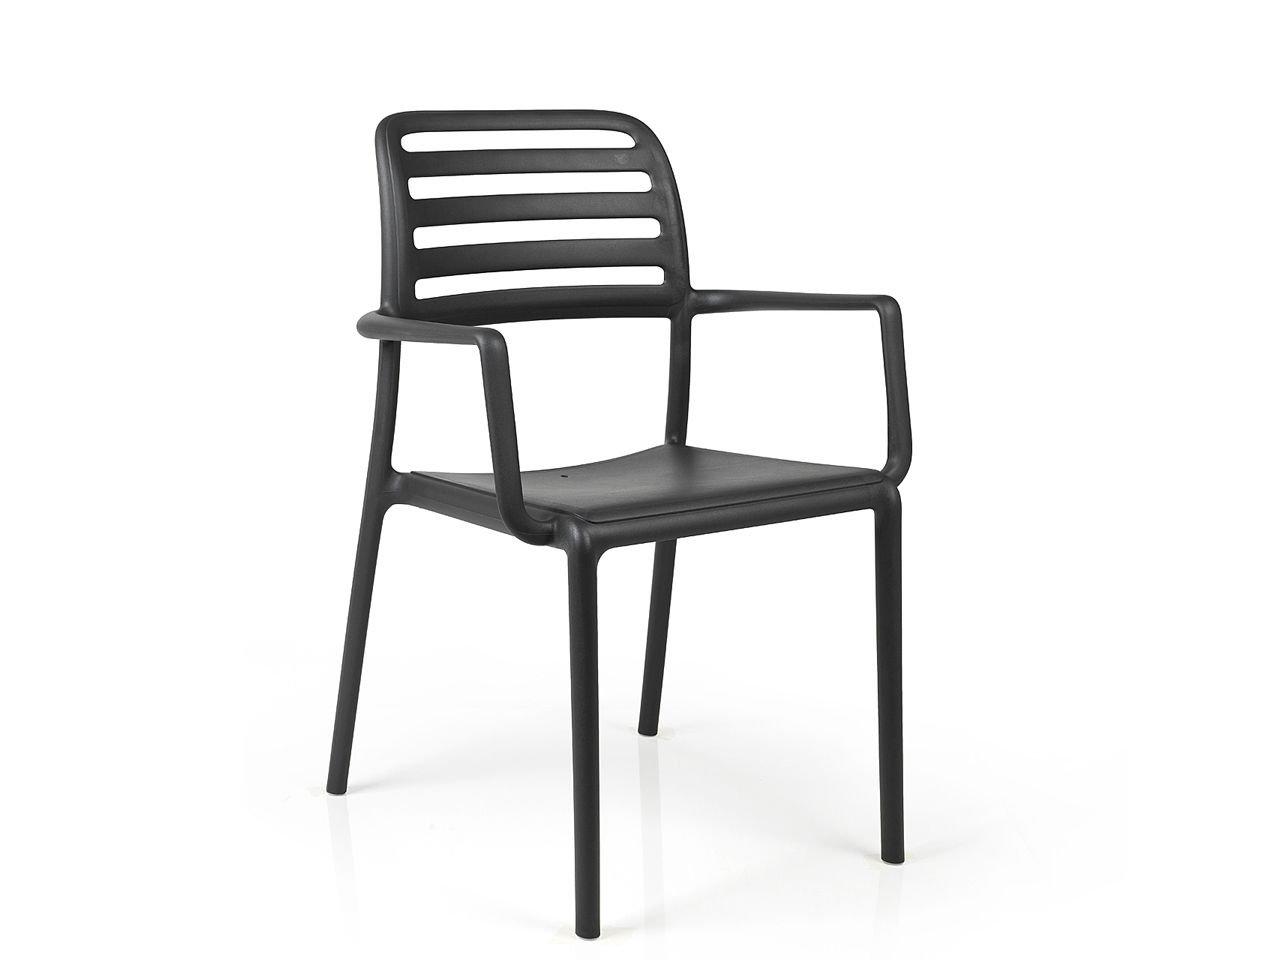 Sedia con braccioli Costa - v2